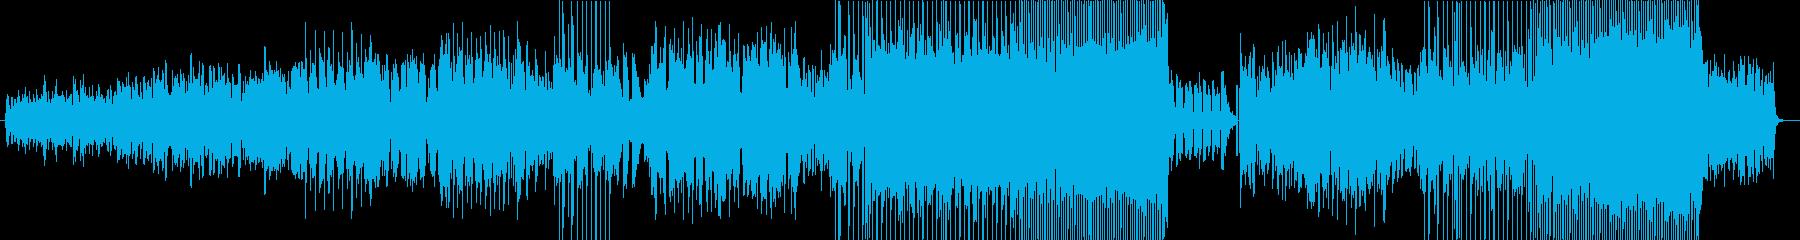 ダダの再生済みの波形